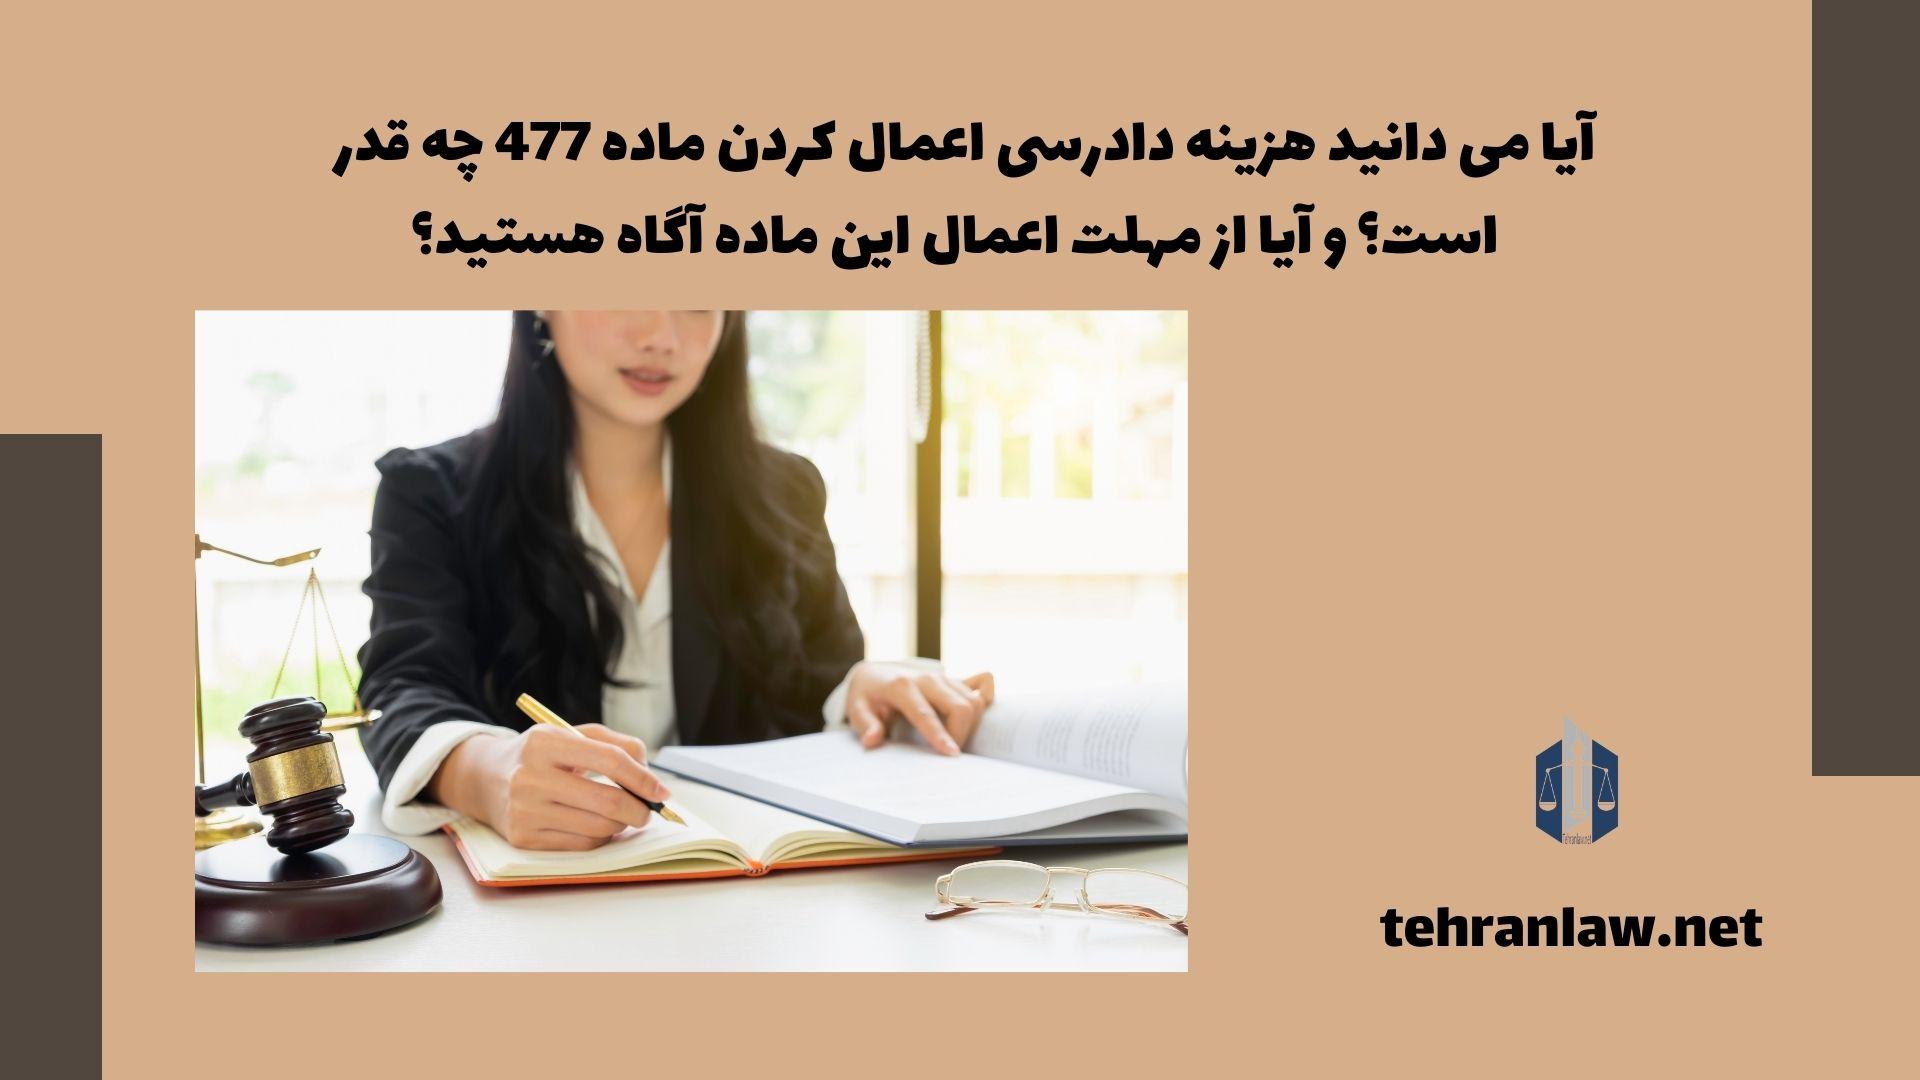 آیا می دانید هزینه دادرسی اعمال کردن ماده 477 چقدر است؟ و آیا از مهلت اعمال این ماده آگاه هستید؟